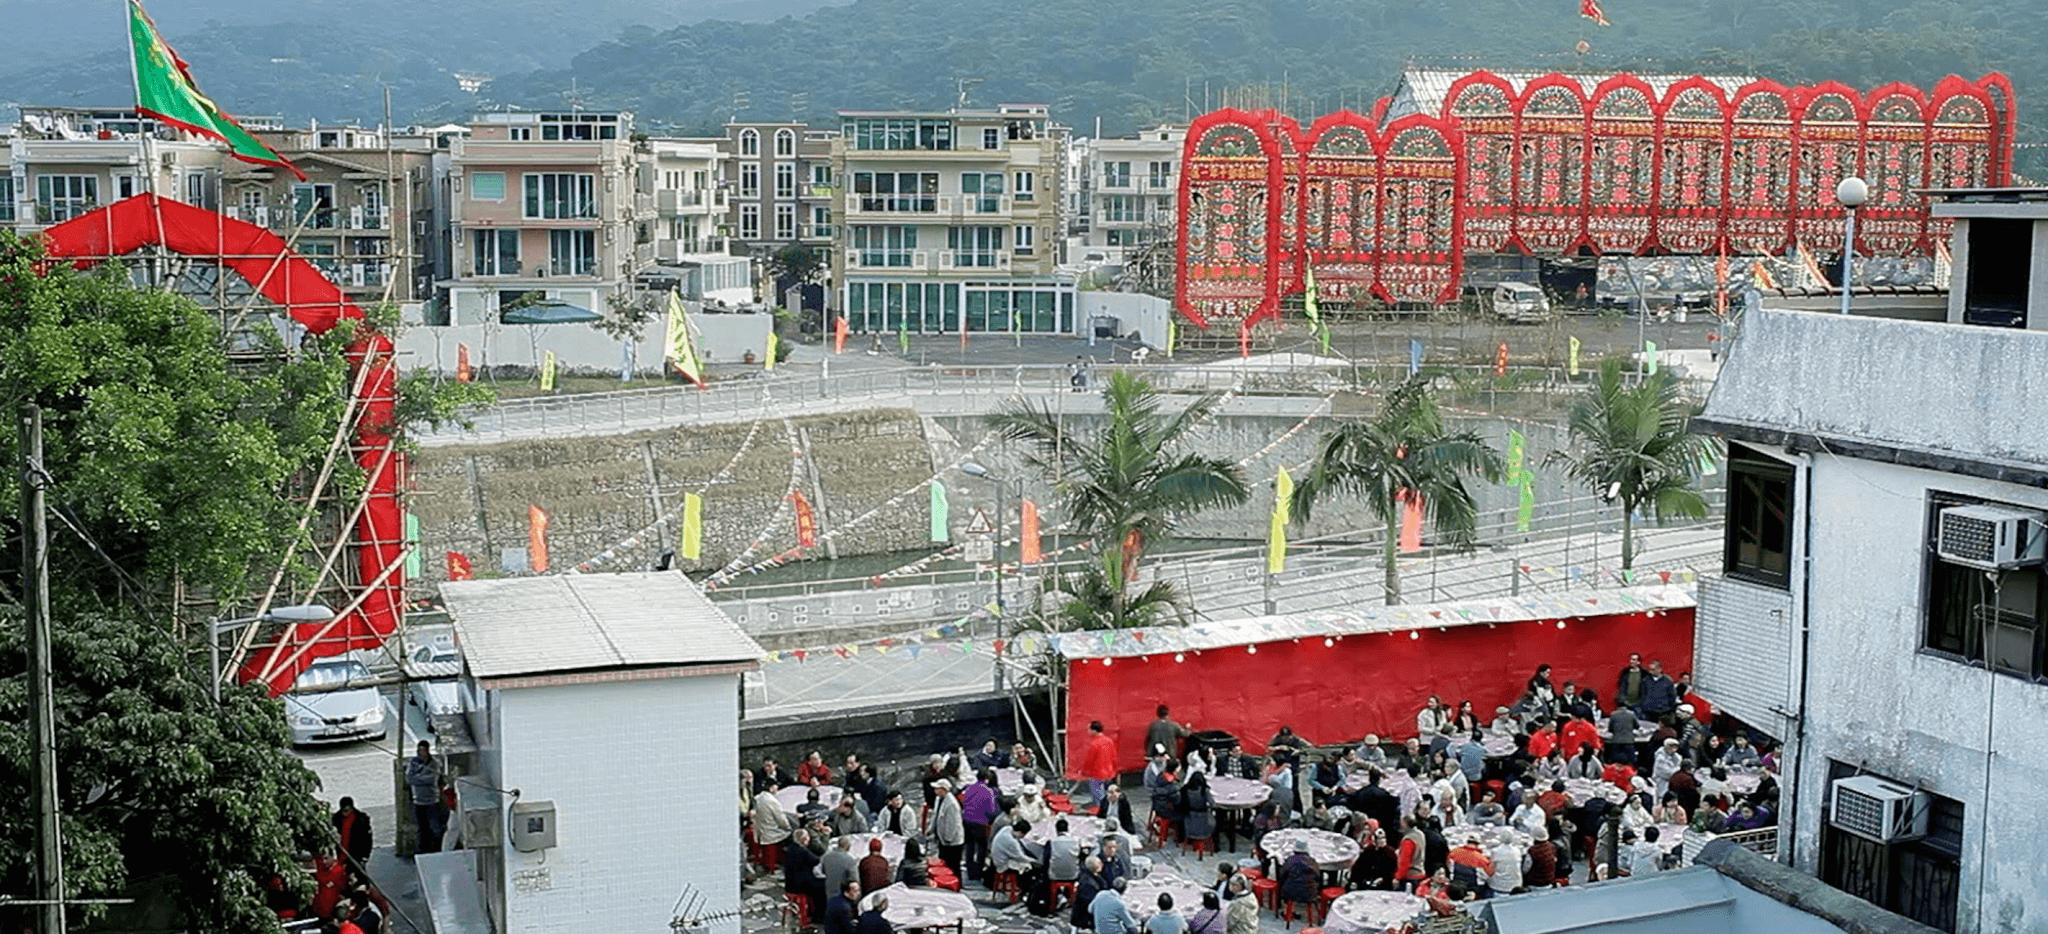 紀錄片《河上變村》拍下蠔涌村十年一度的太平清醮,當中大排筵席是令人期待的一環。